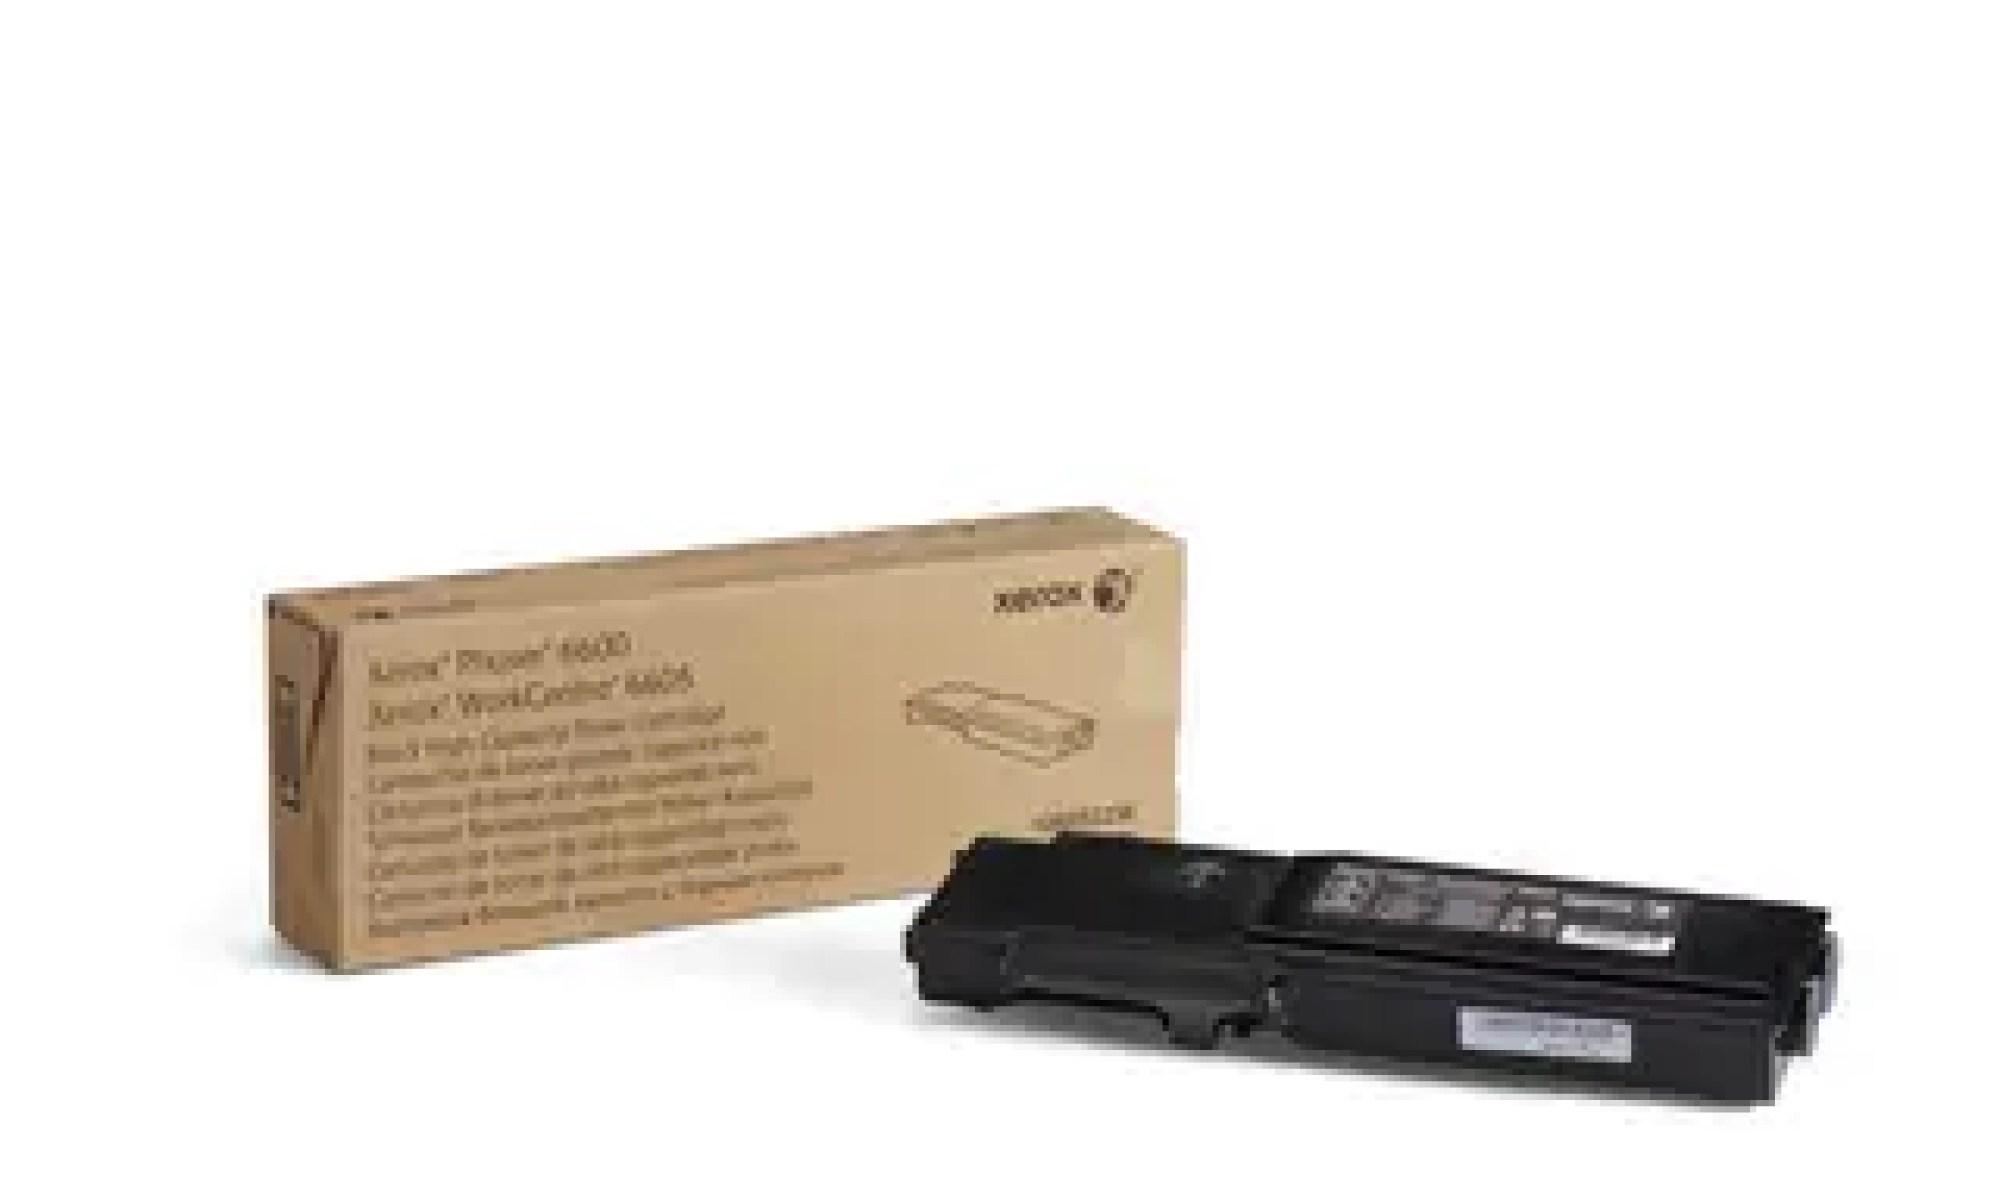 106R02236 Toner capacitate mare black pentru Phaser 6600, WorkCentre 6605